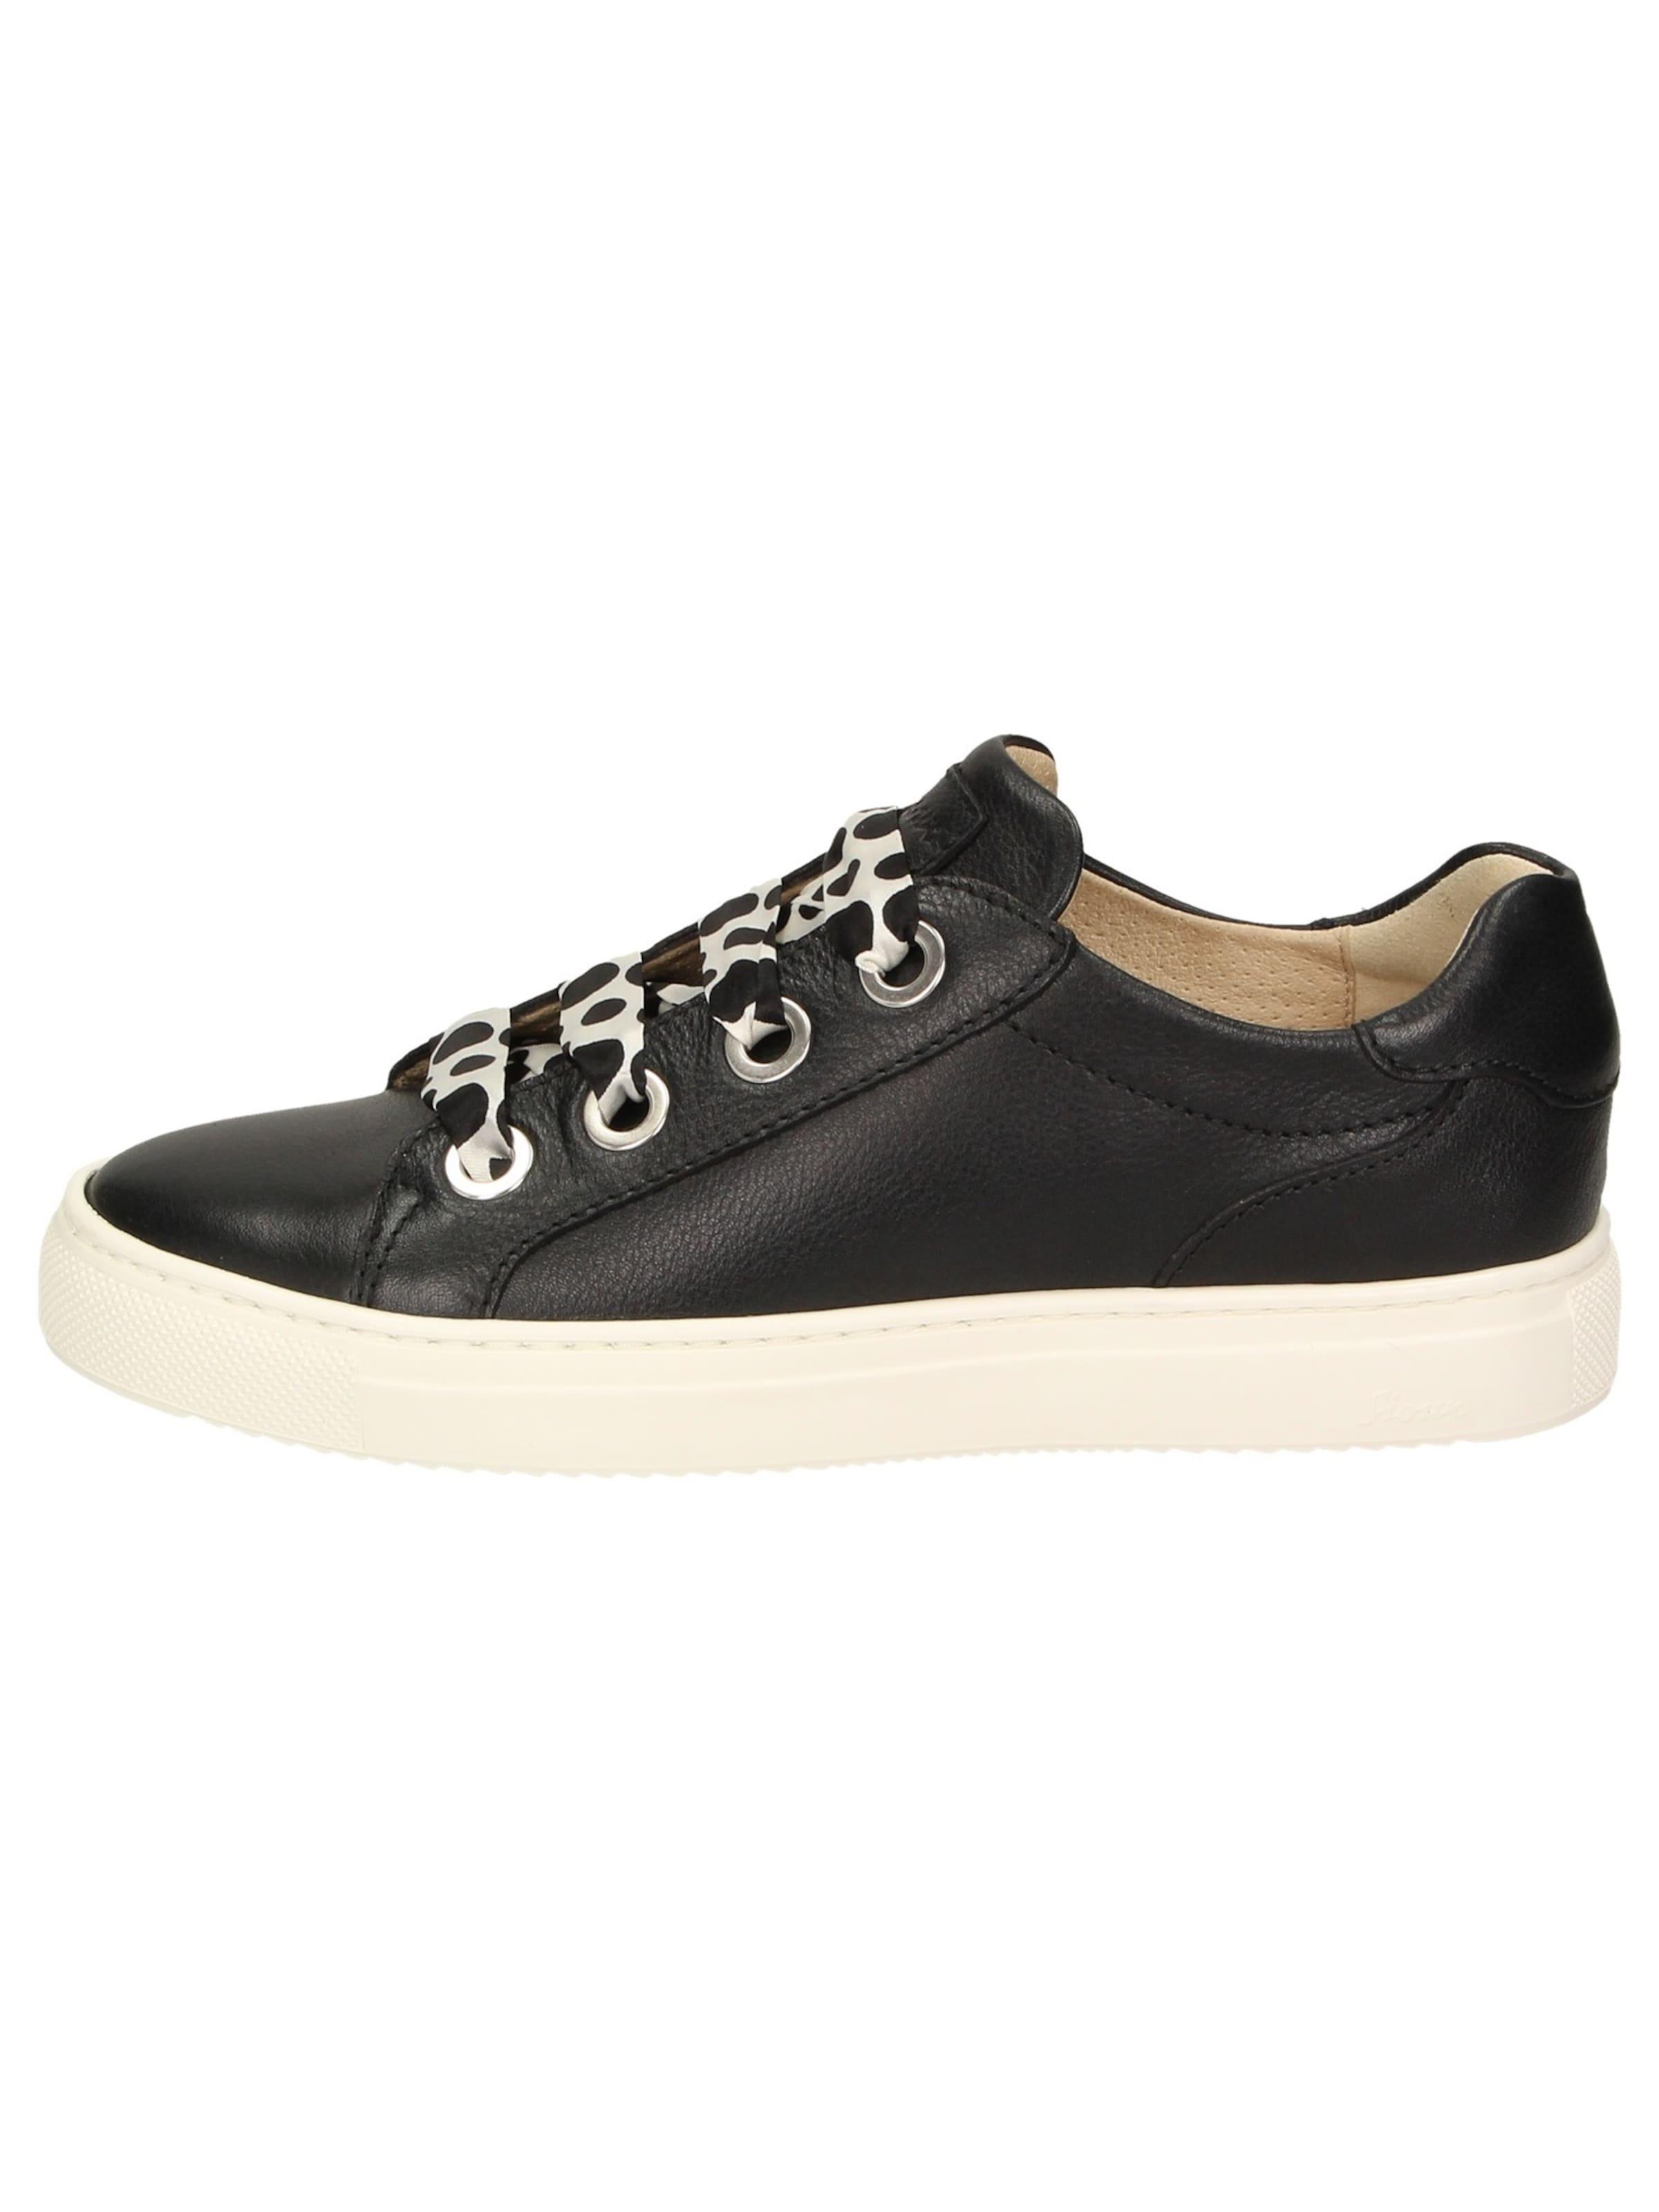 Sioux Sneaker 702' Schwarz In 'purvesia TJFl3Kc1